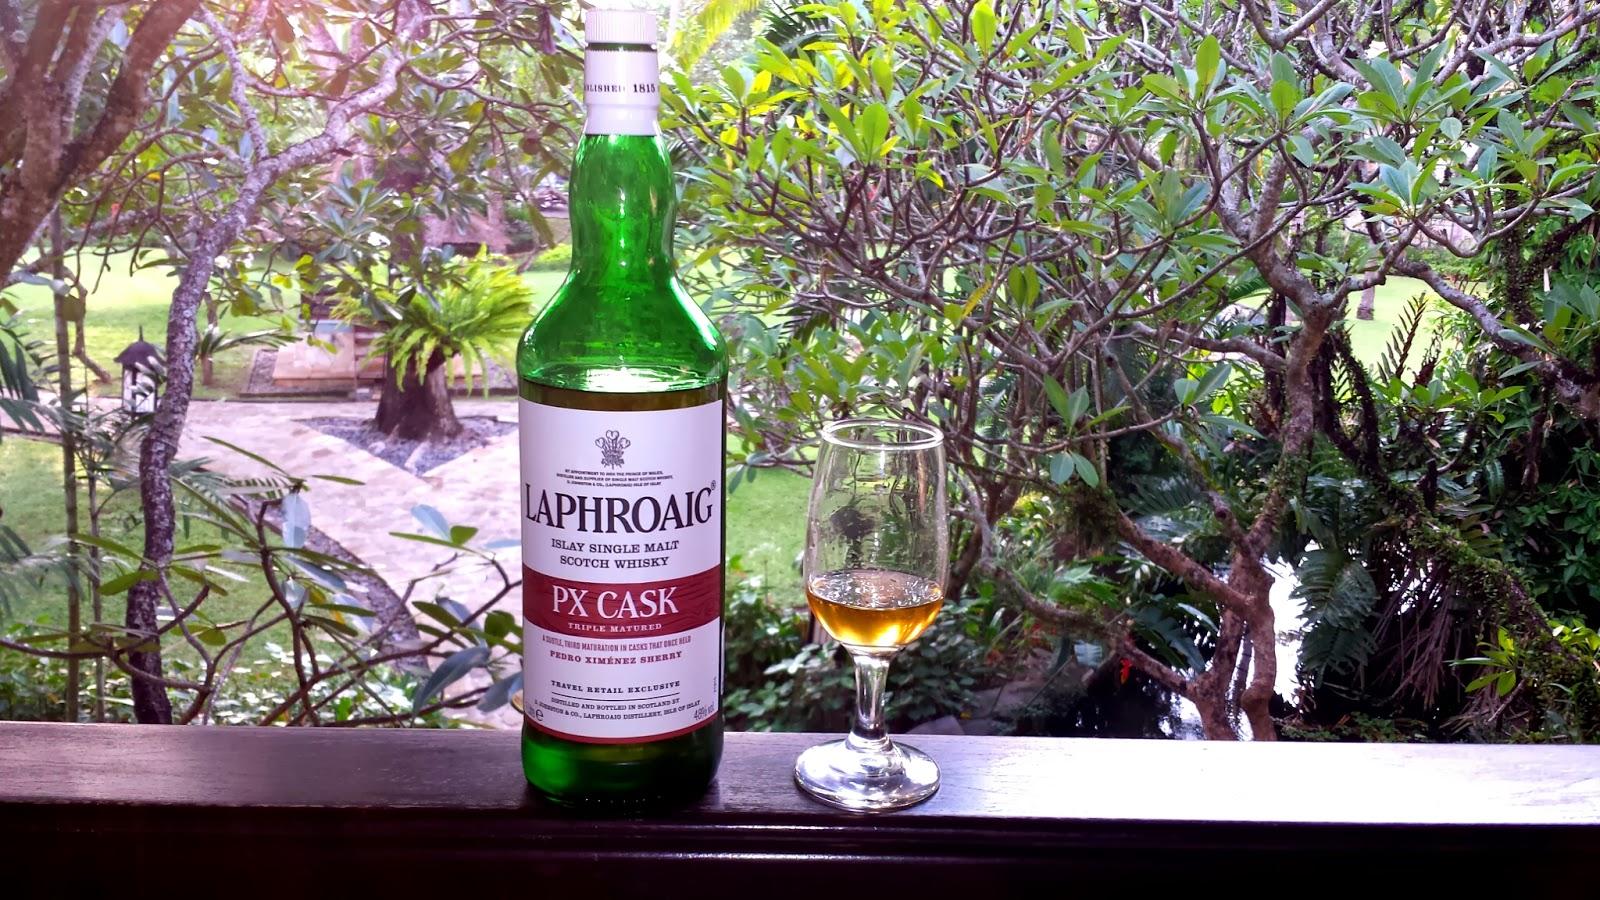 Laphroaig Best Way To Drink